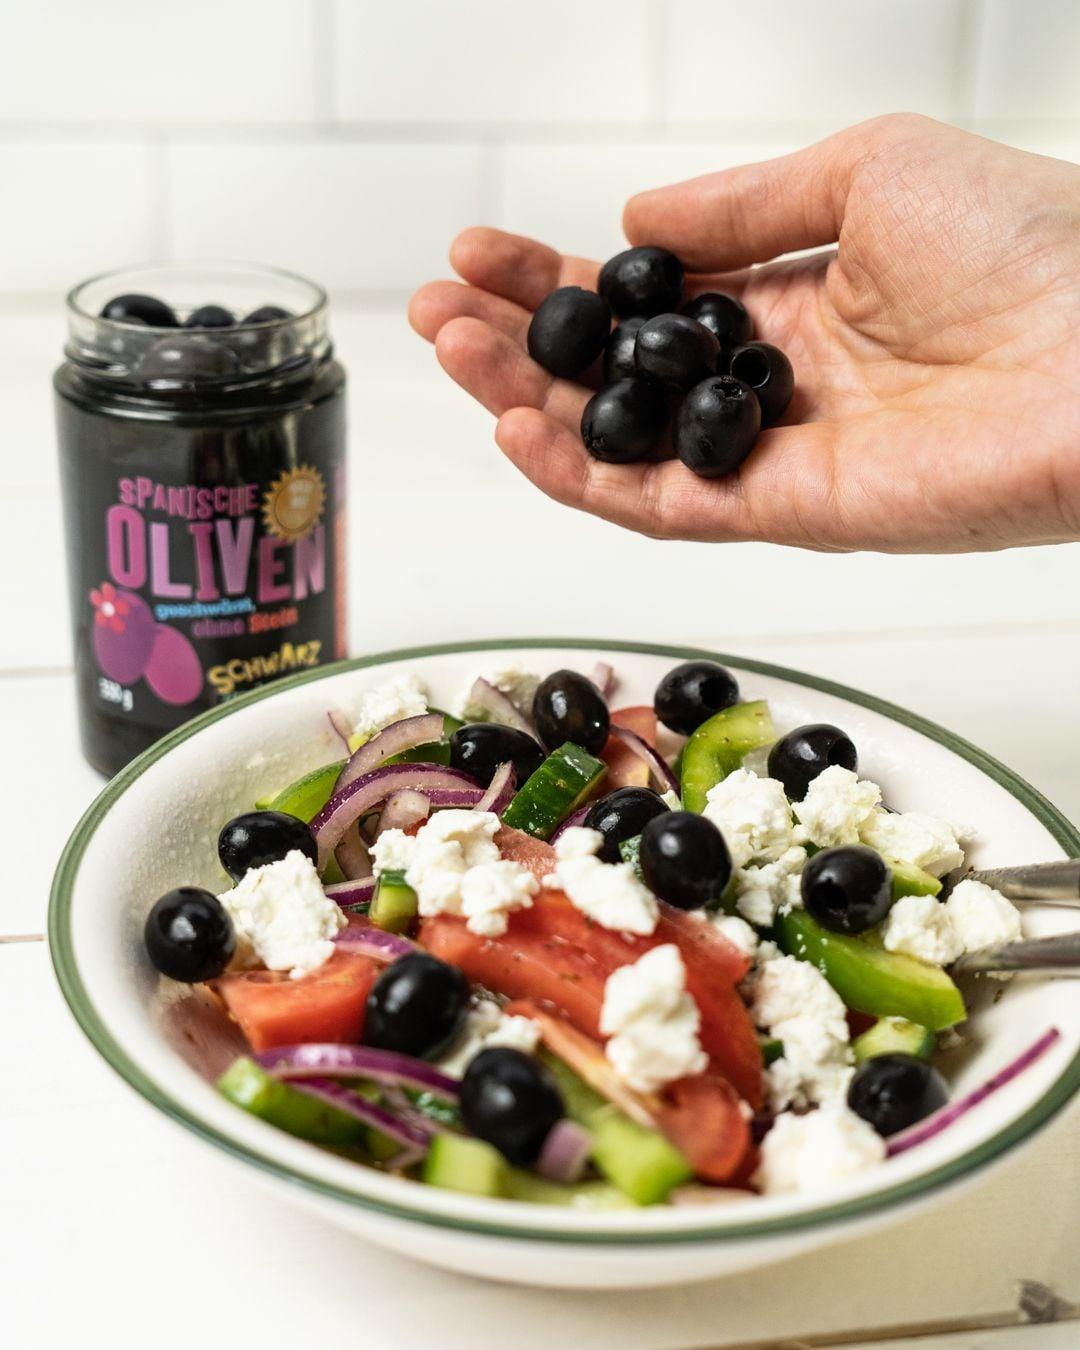 Auf diesem Bild siehst du wie Oliven in den Salat gegeben werden.